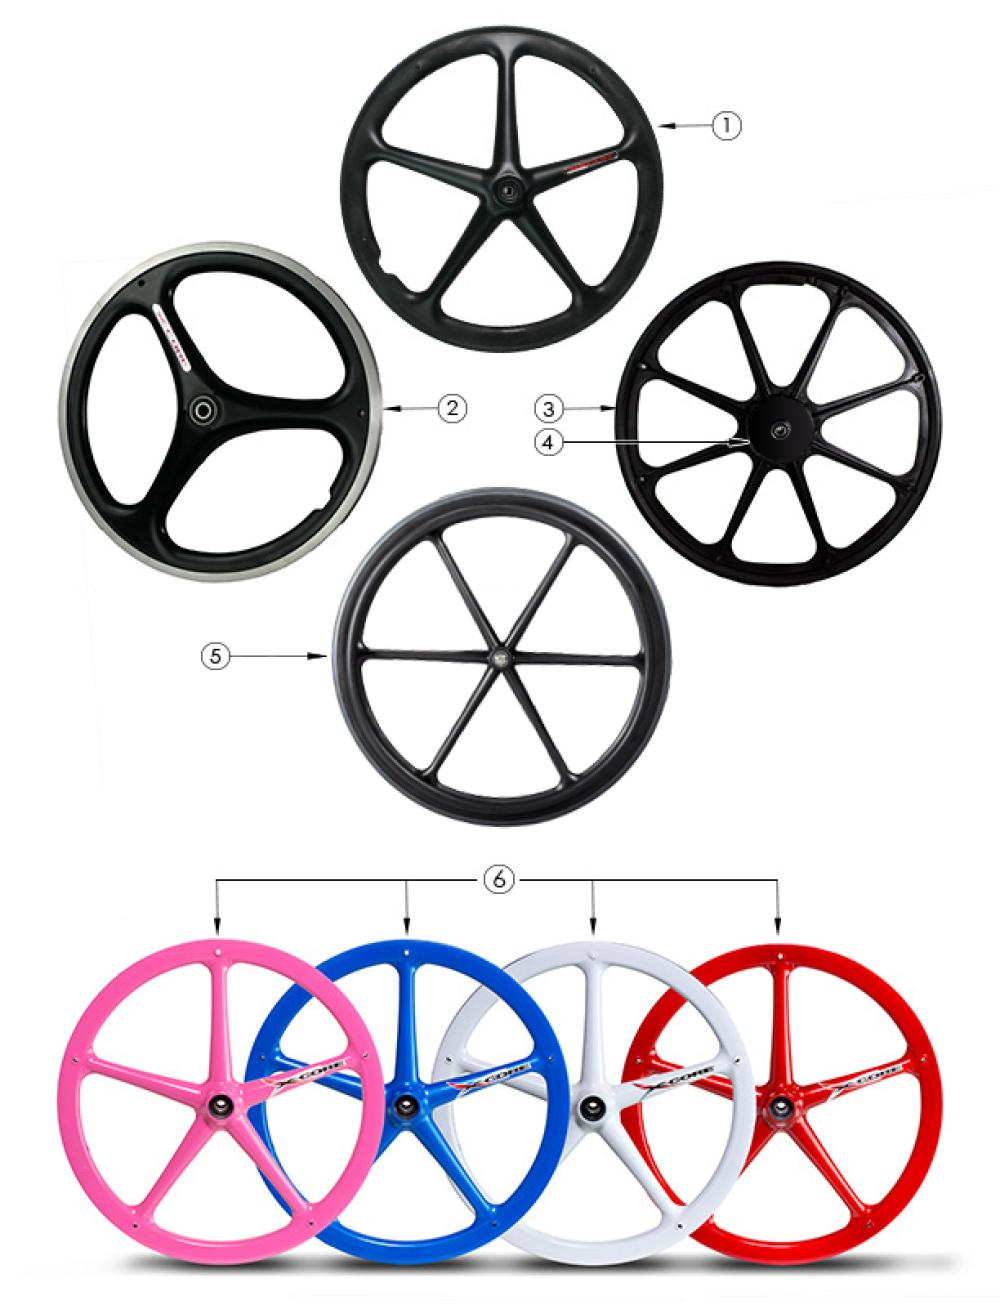 Mag Wheel parts diagram